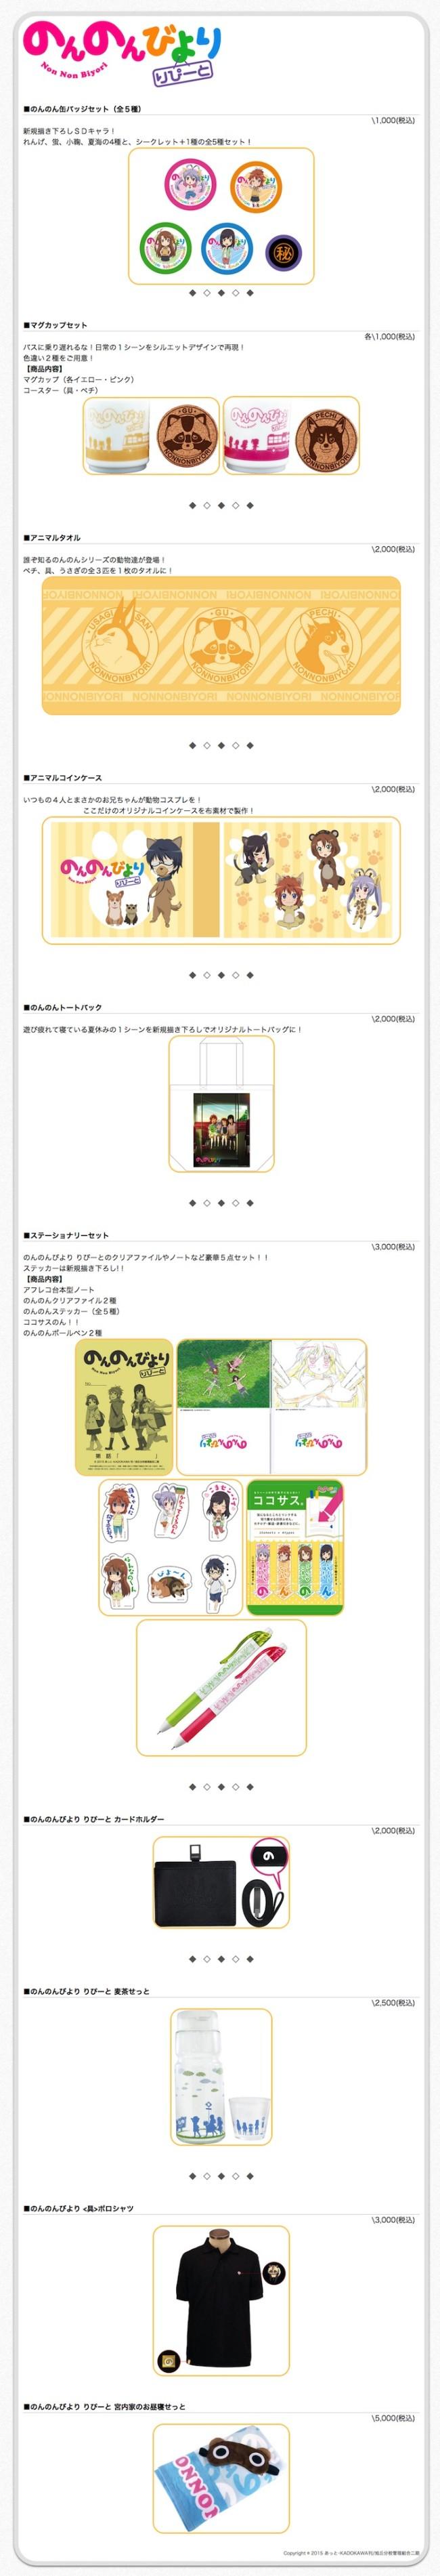 screencapture-www-silverlink-co-jp-comike88-html-1439204863466 3 のコピー